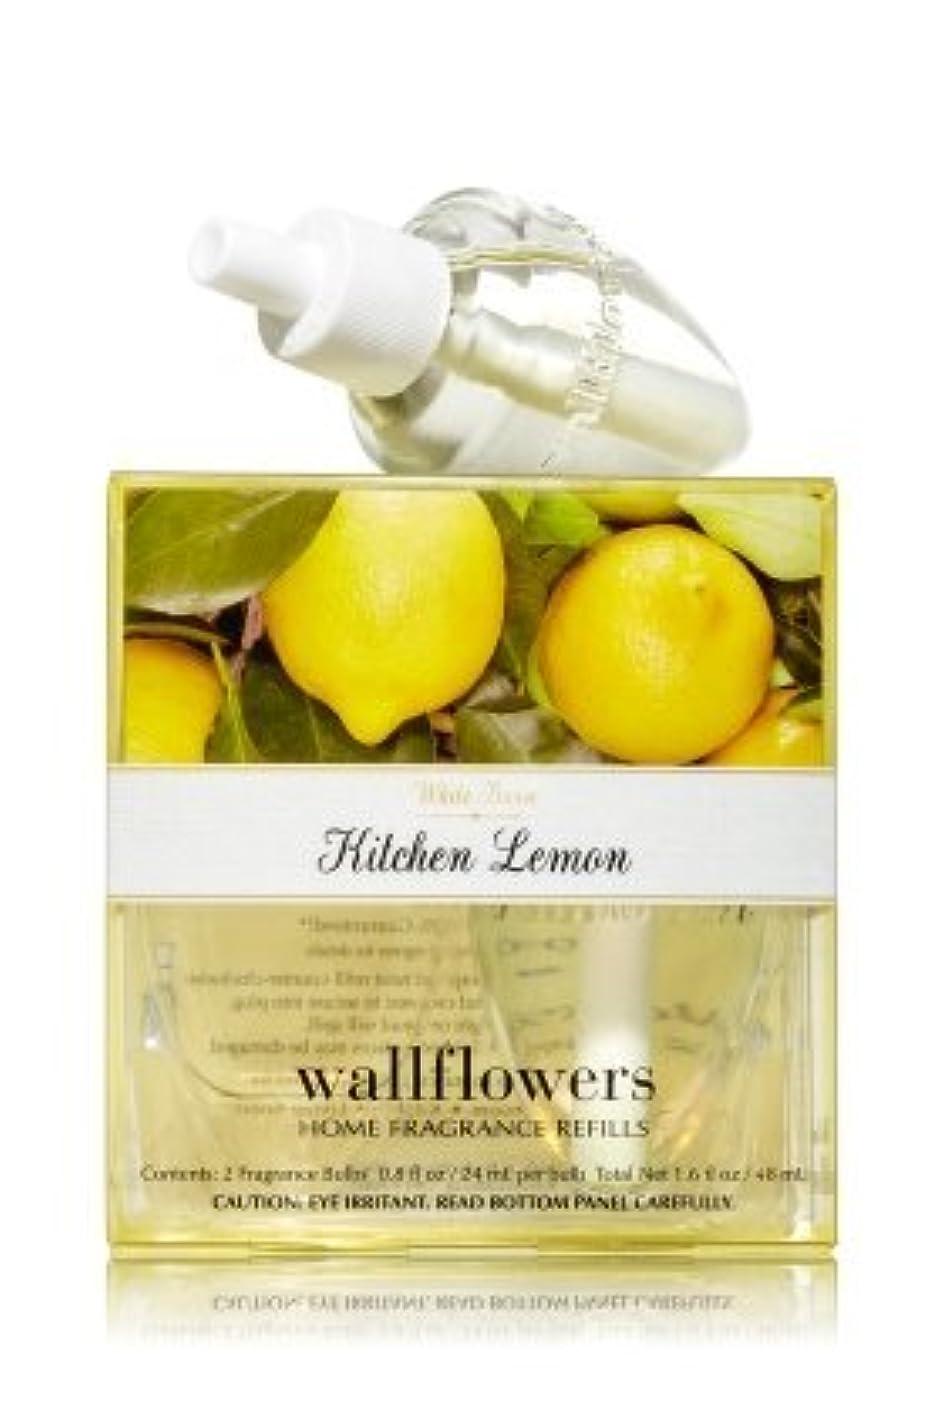 過去サスペンドサーバント【Bath&Body Works/バス&ボディワークス】 ルームフレグランス 詰替えリフィル(2個入り) キッチンレモン Wallflowers Home Fragrance 2-Pack Refills Kitchen Lemon [並行輸入品]